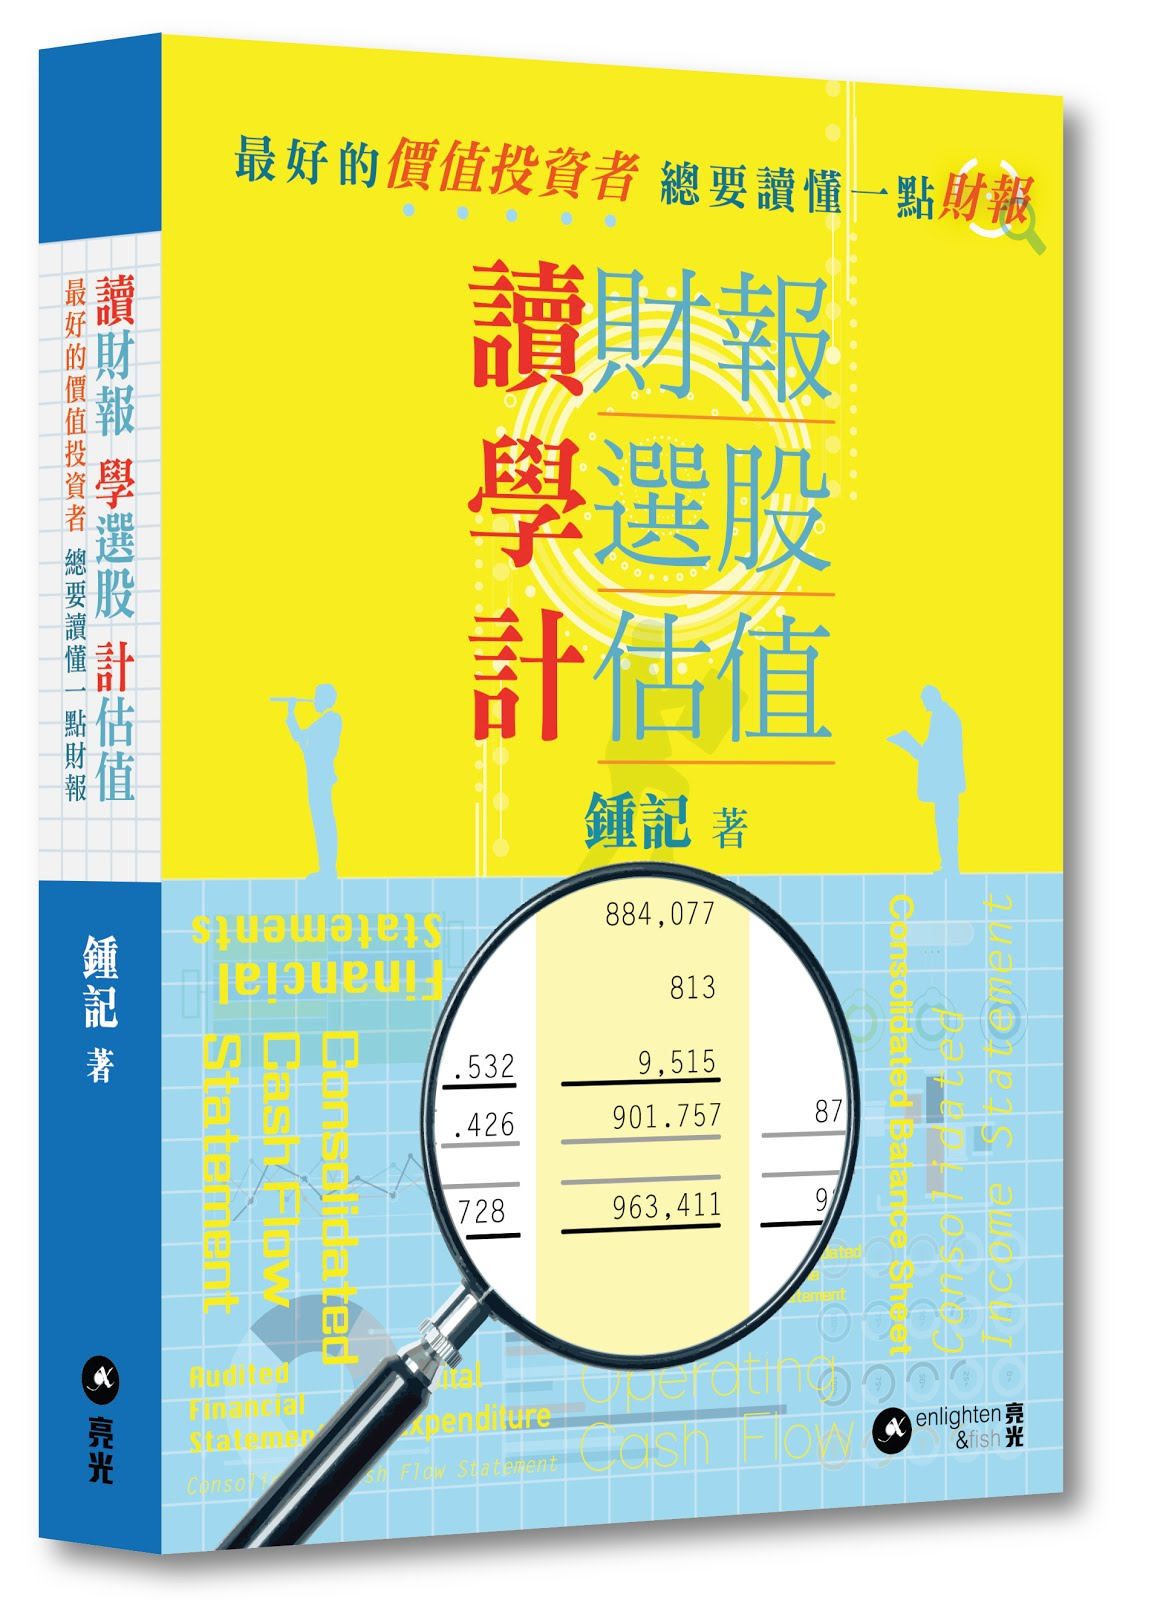 第三本書《讀財報 學選股 計估值》登上【商務印書館 2018年暢銷書榜】,多謝支持!